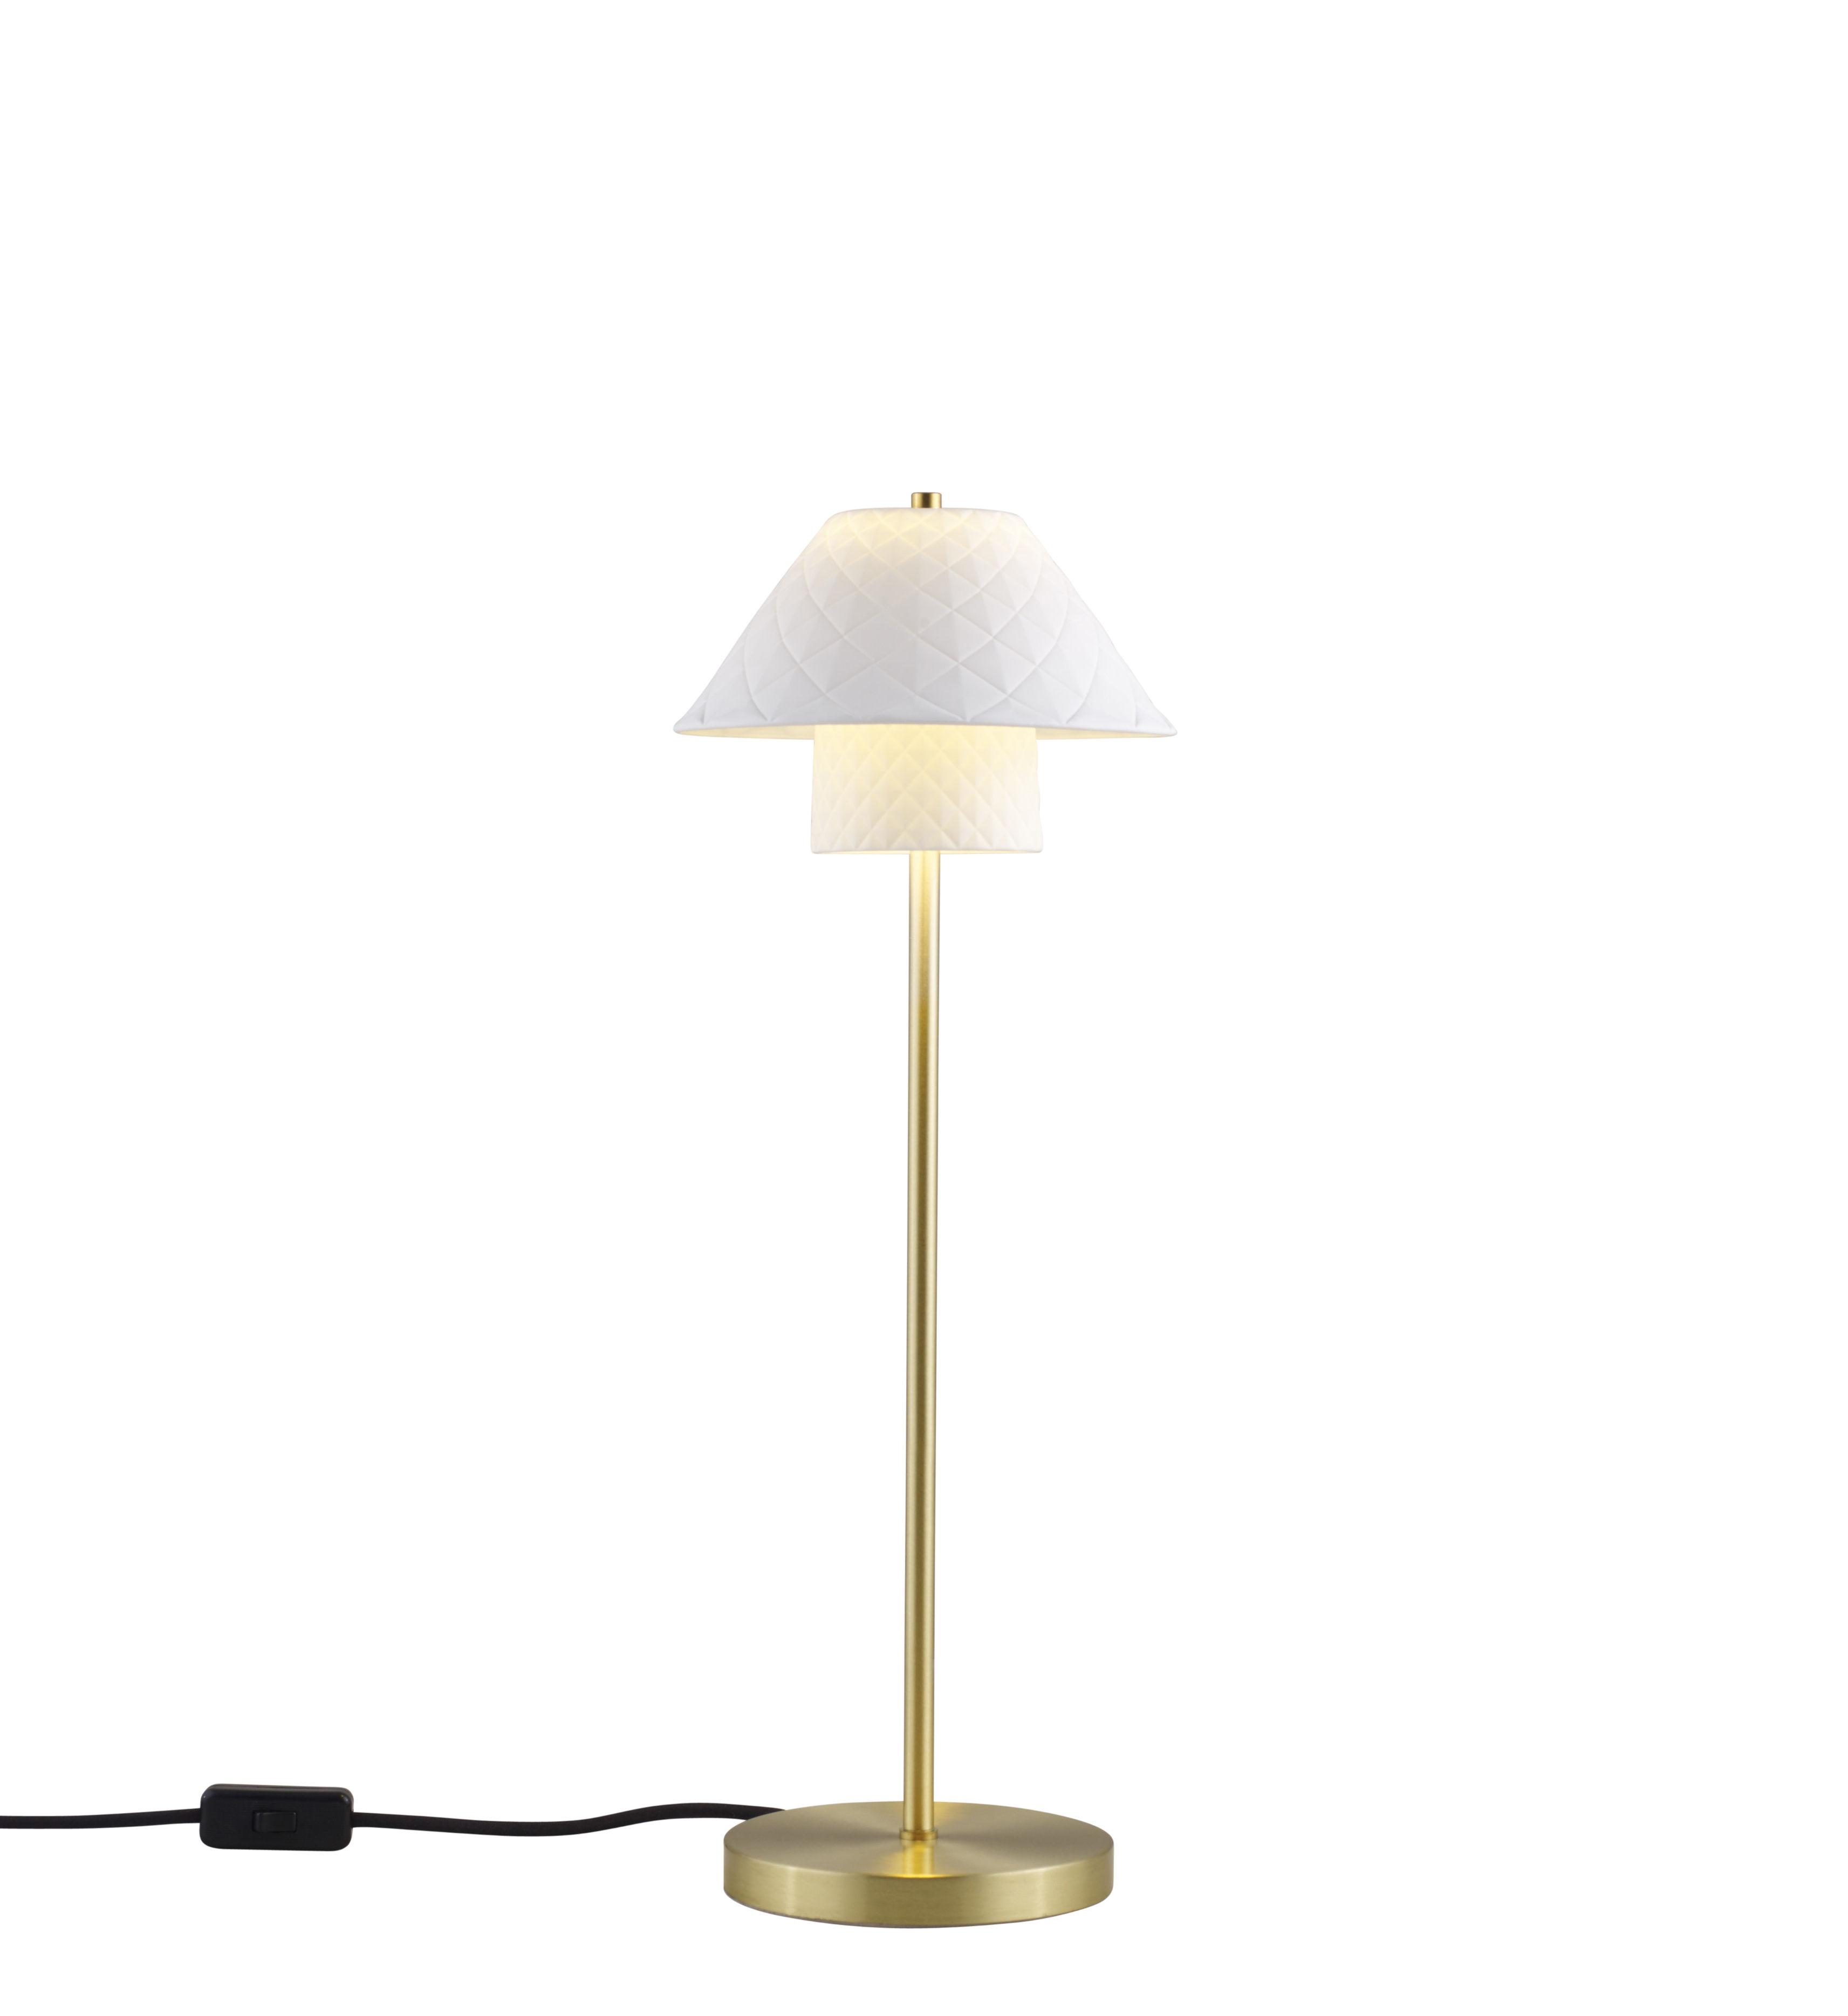 Illuminazione - Lampade da tavolo - Lampada da tavolo Oxford Double - / Ottone satinato & Porcellana di Original BTC - Bianco opaco / Ottone satinato - Ottone, Porcellana